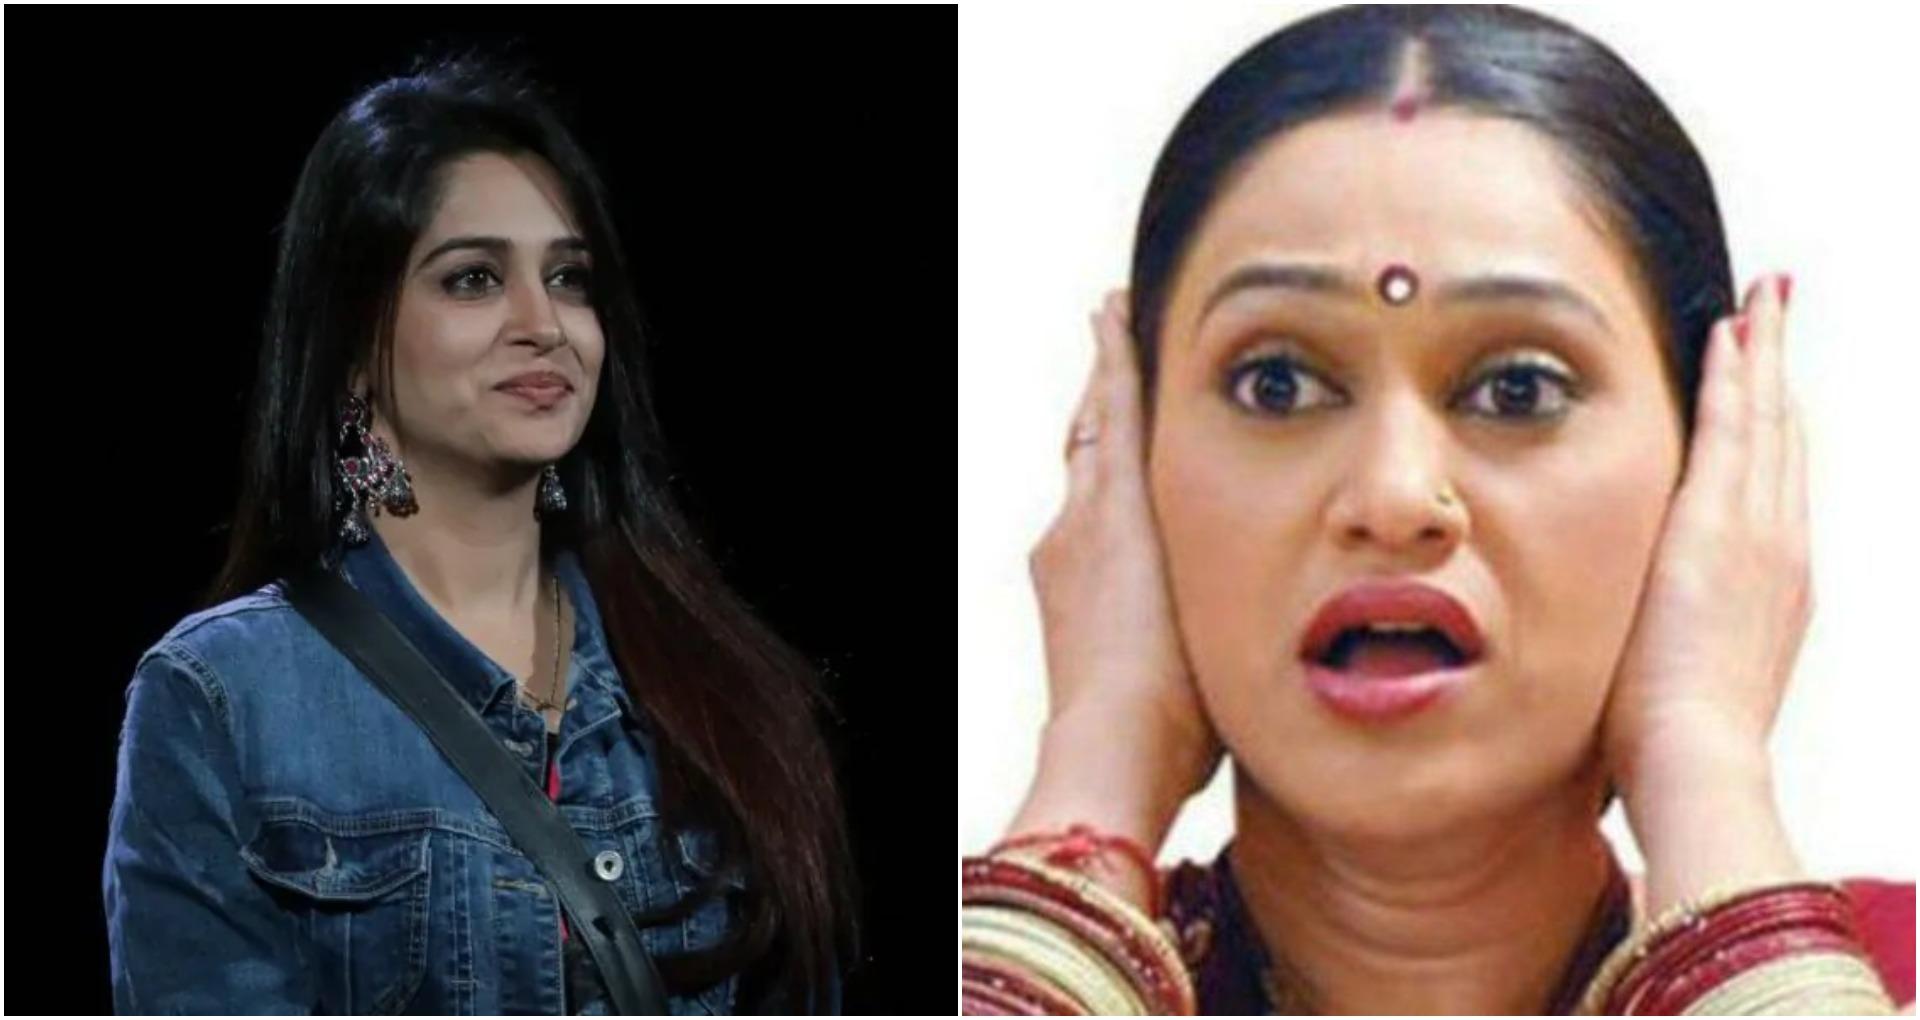 Trending News: दीपिका ककर की तबियत खराब, कन्फर्म- नवरात्री में होगी दयाबेन की वापसी